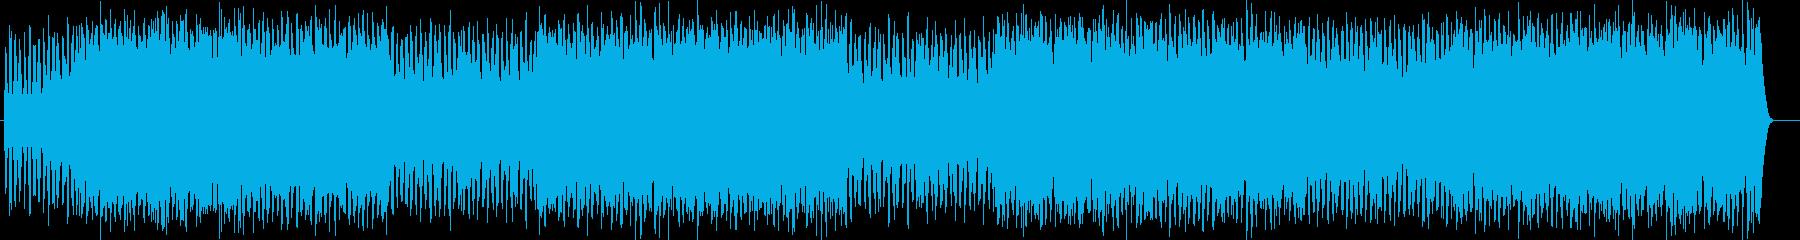 真実に迫るようなシンセポップス曲の再生済みの波形